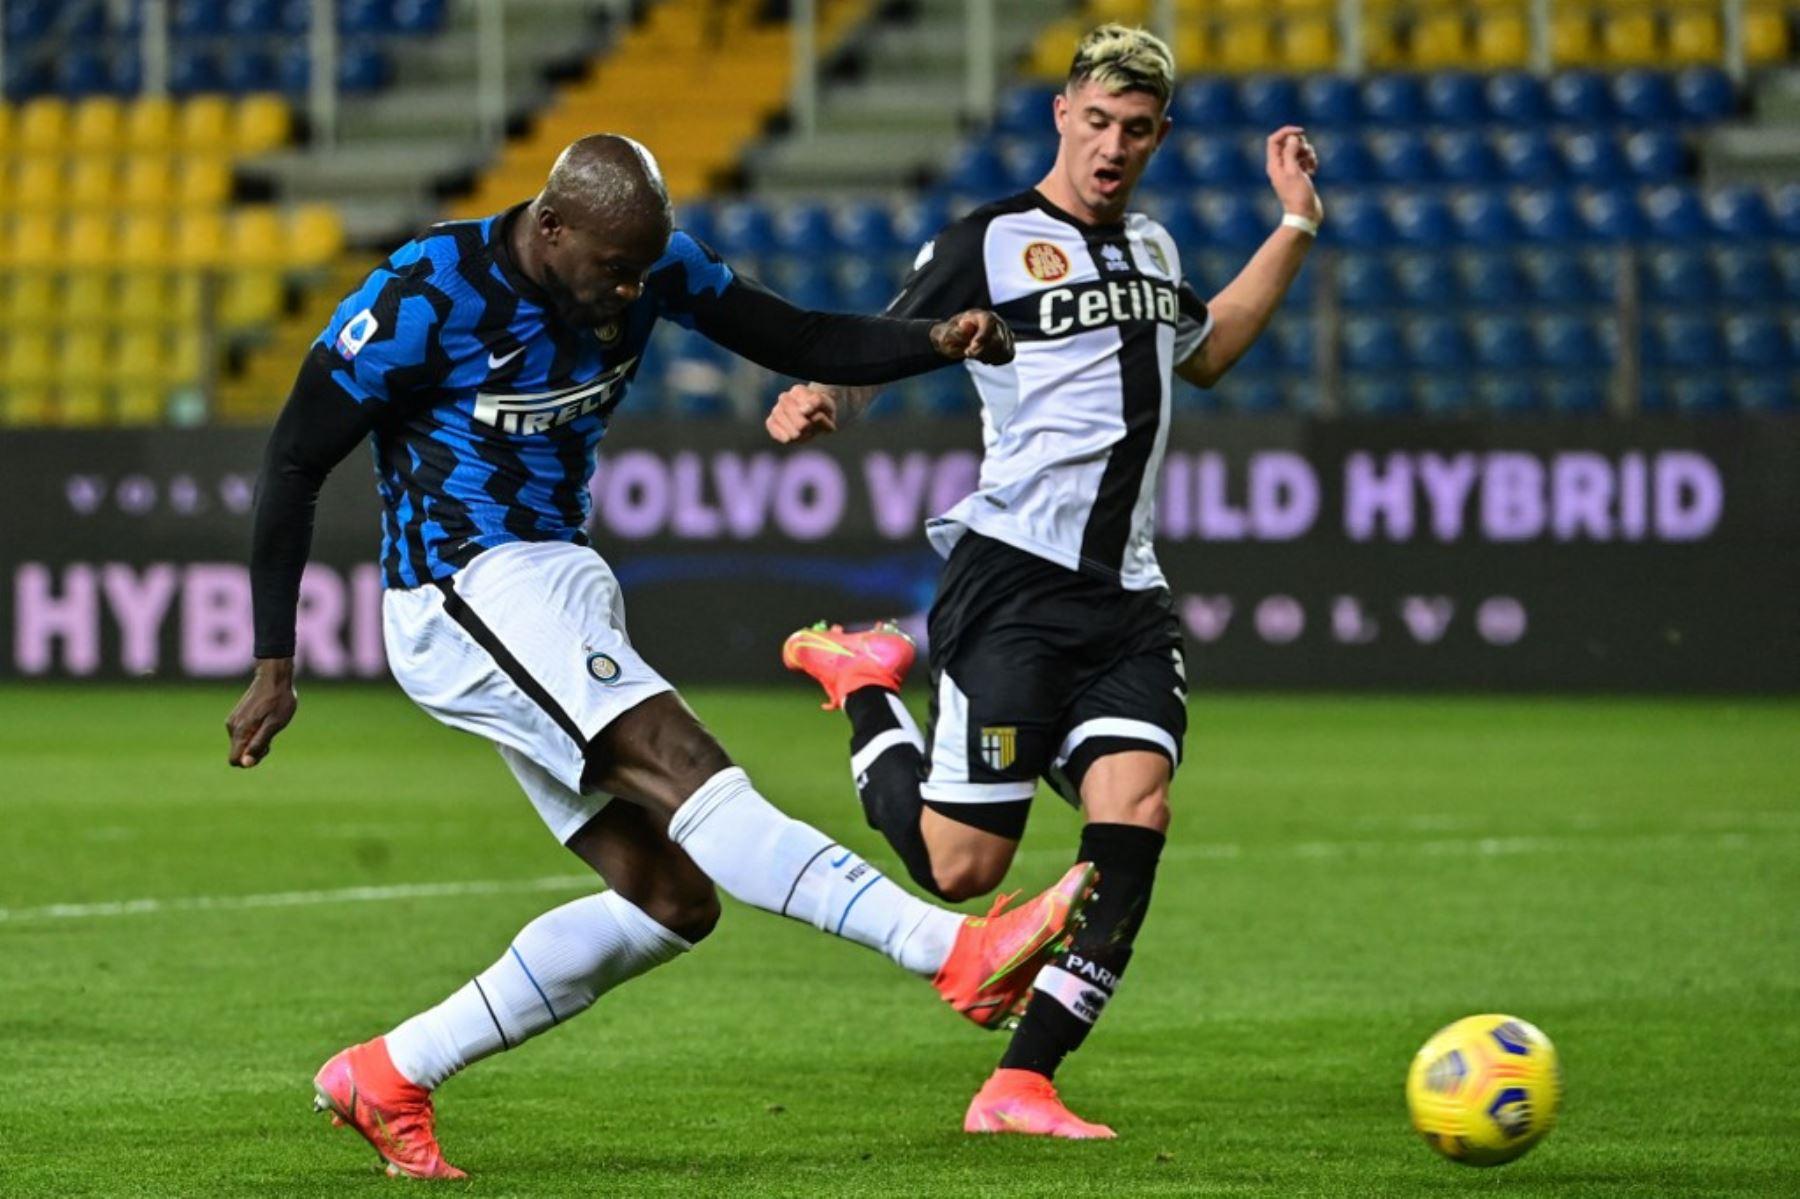 El delantero belga del Inter de Milán Romelu Lukaku dispara a portería a pesar del defensor argentino de Parma Lautaro Valenti (R) durante el partido de fútbol de la Serie A italiana Parma vs Inter de Milán el 04 de marzo de 2021 en el estadio Ennio-Tardini de Parma. Foto: AFP